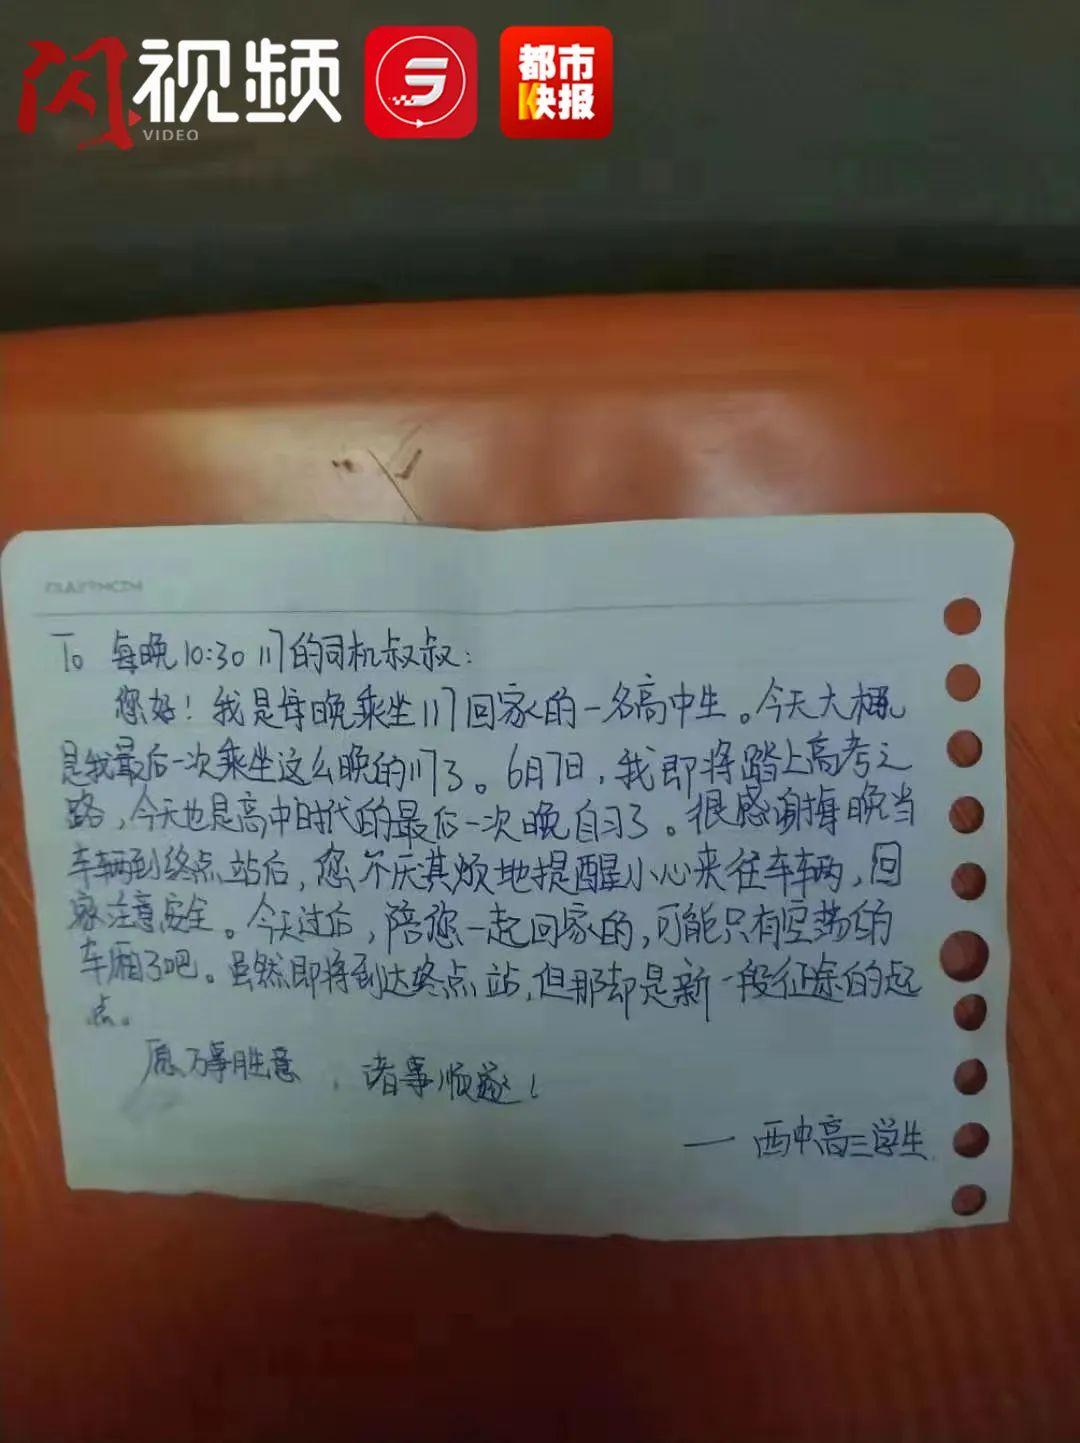 高考前 西安女孩末班车上留下纸条 公交司机看哭了……